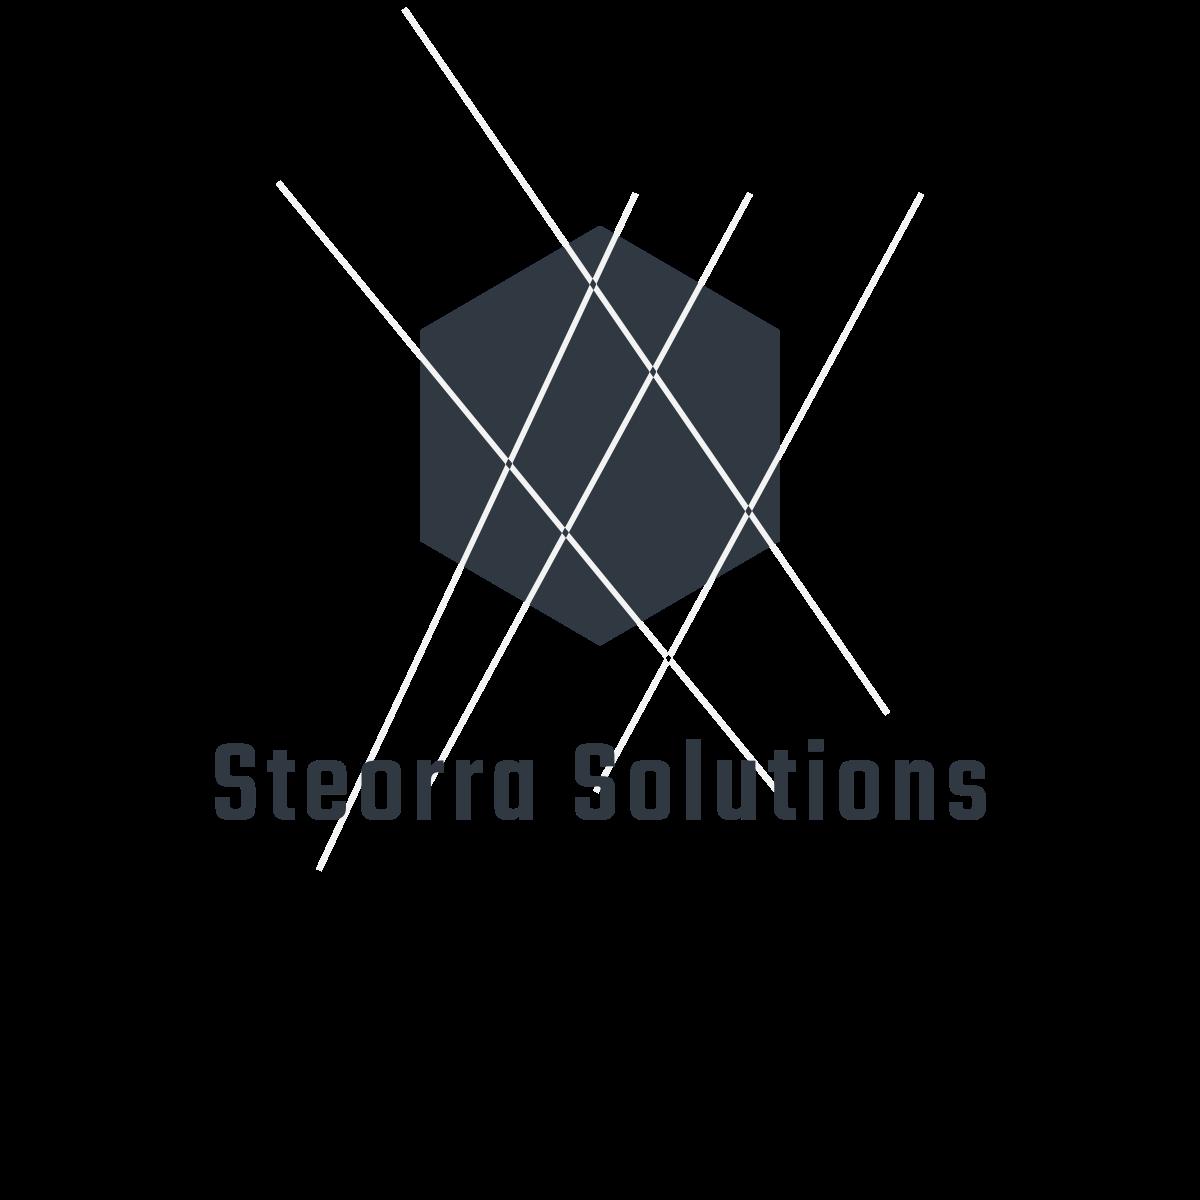 Steorra Solutions Logo